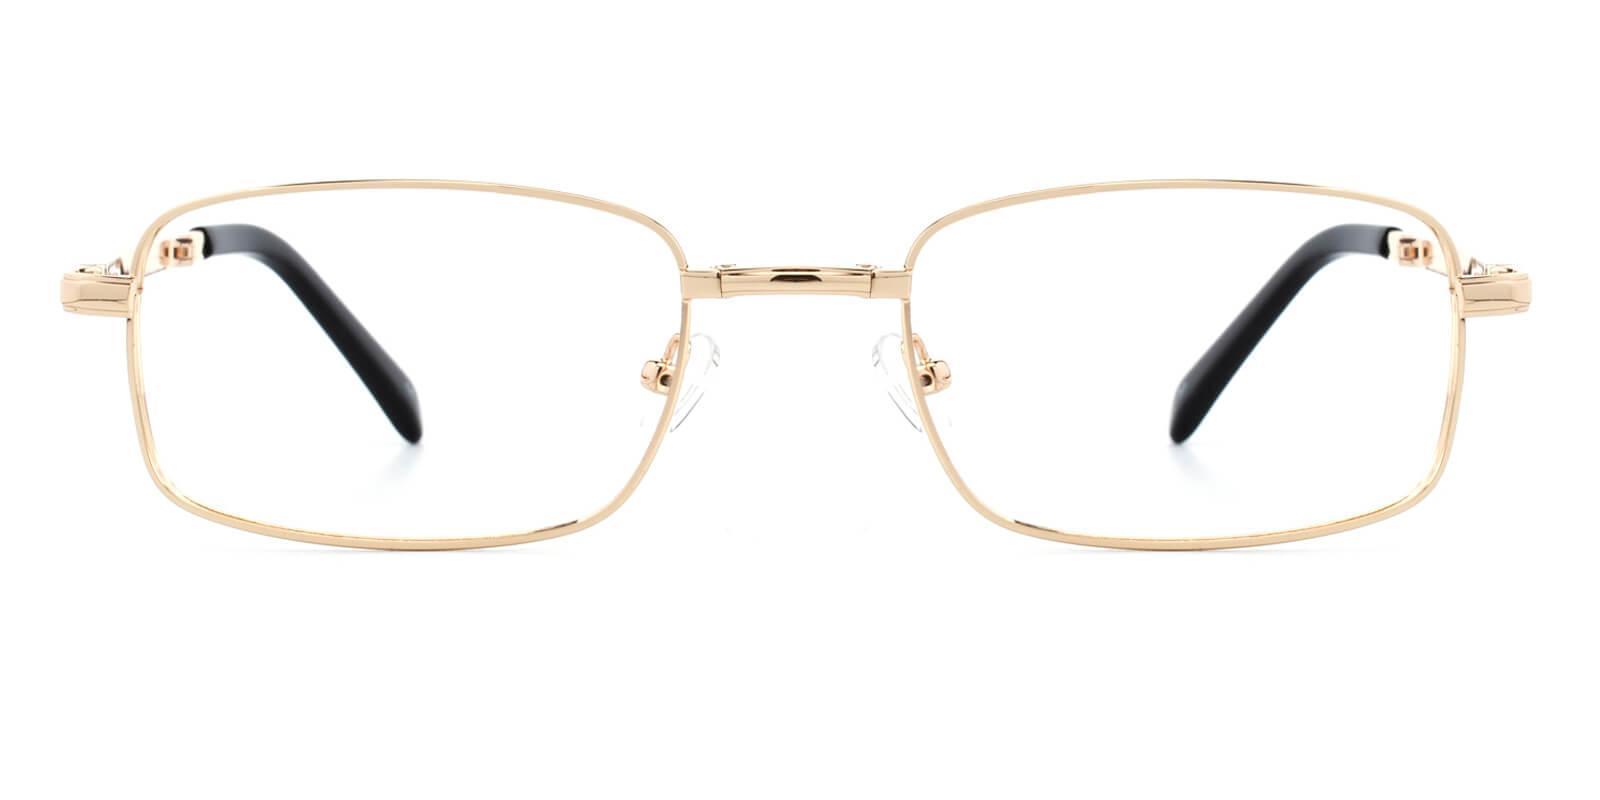 Norfolk-Gold-Rectangle-Metal-Eyeglasses-detail